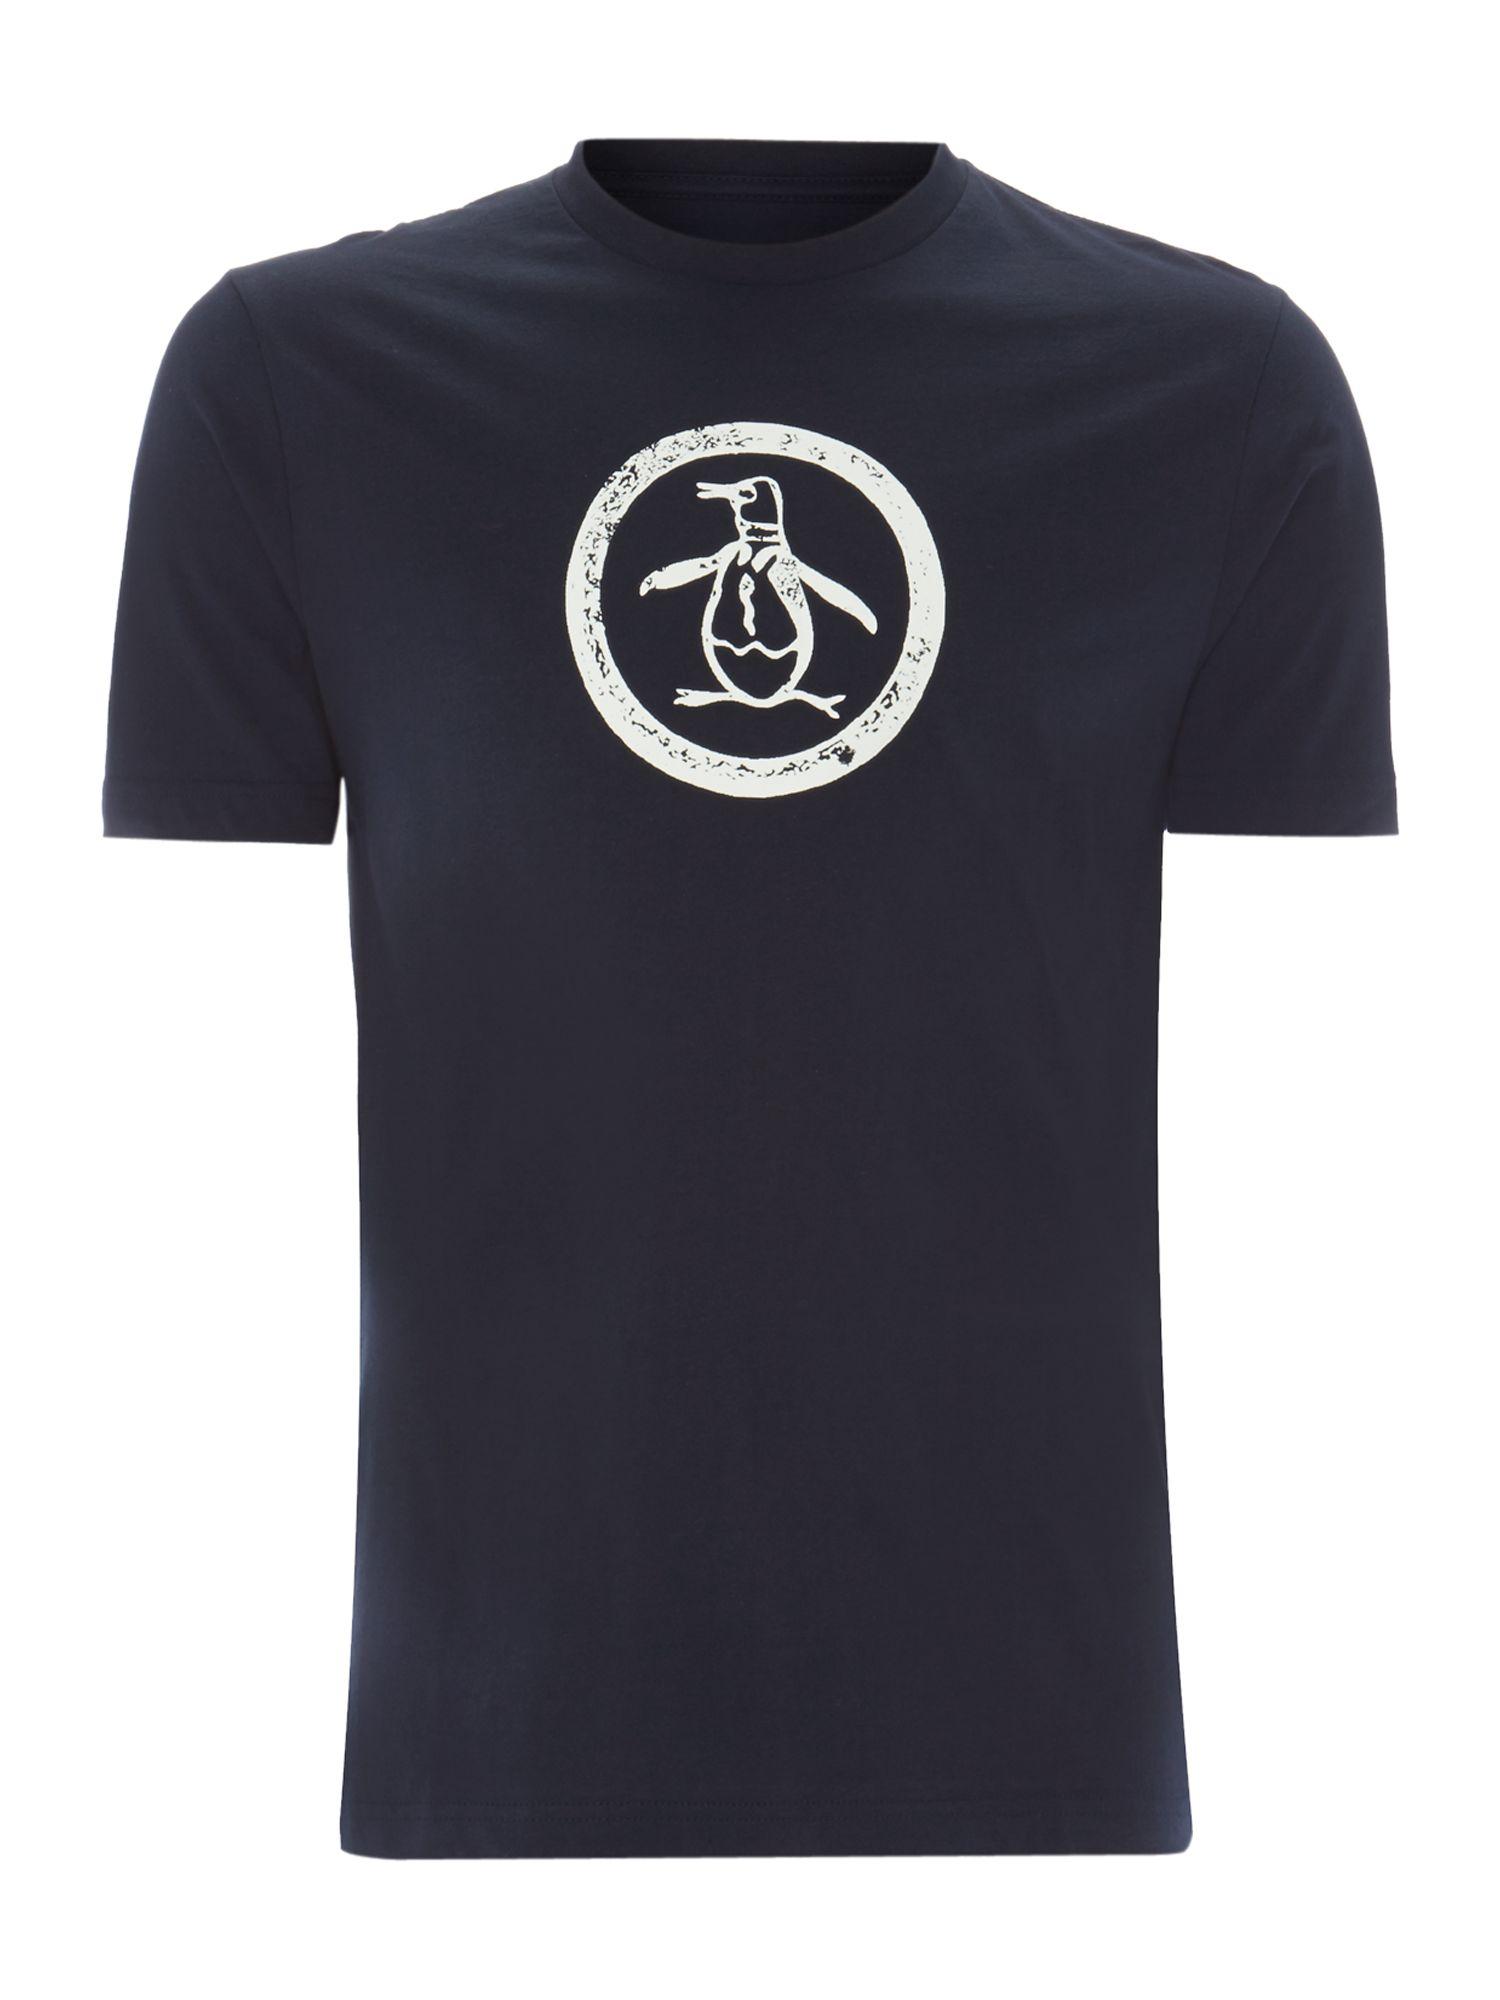 Penguin clothing logo - photo#48